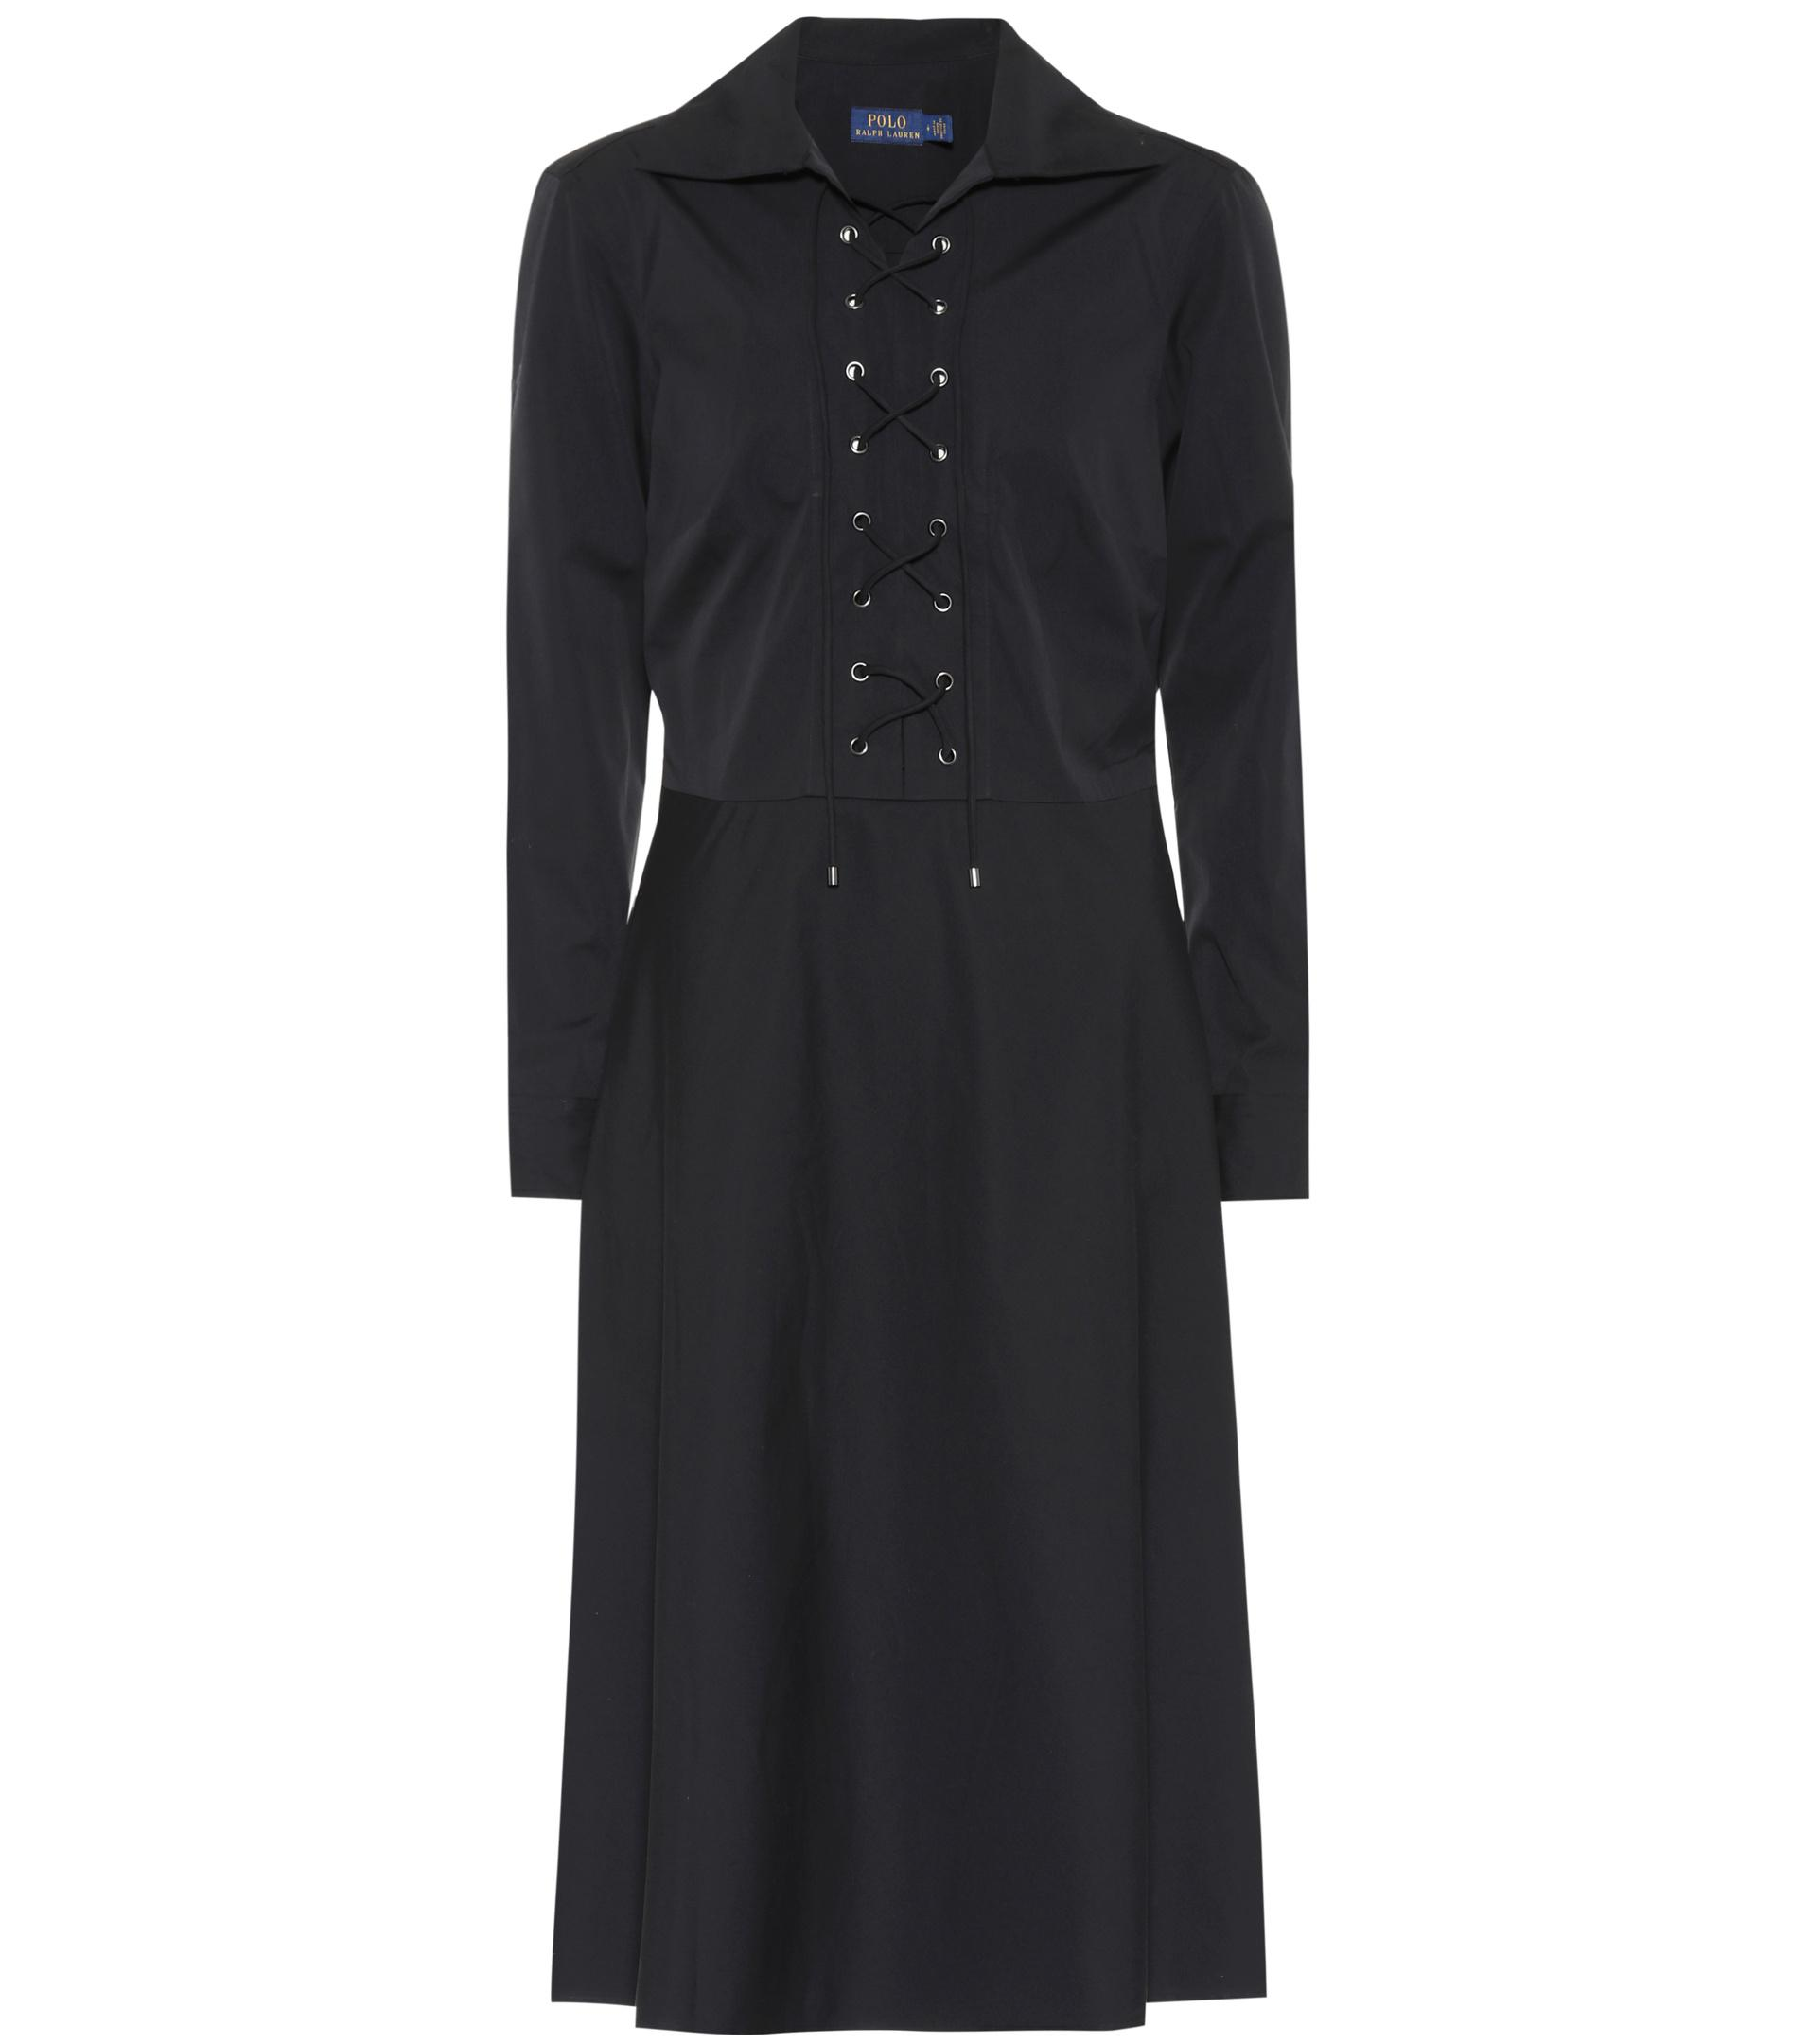 Polo Ralph Lauren. Women\u0027s Black Cotton Lace-up Dress